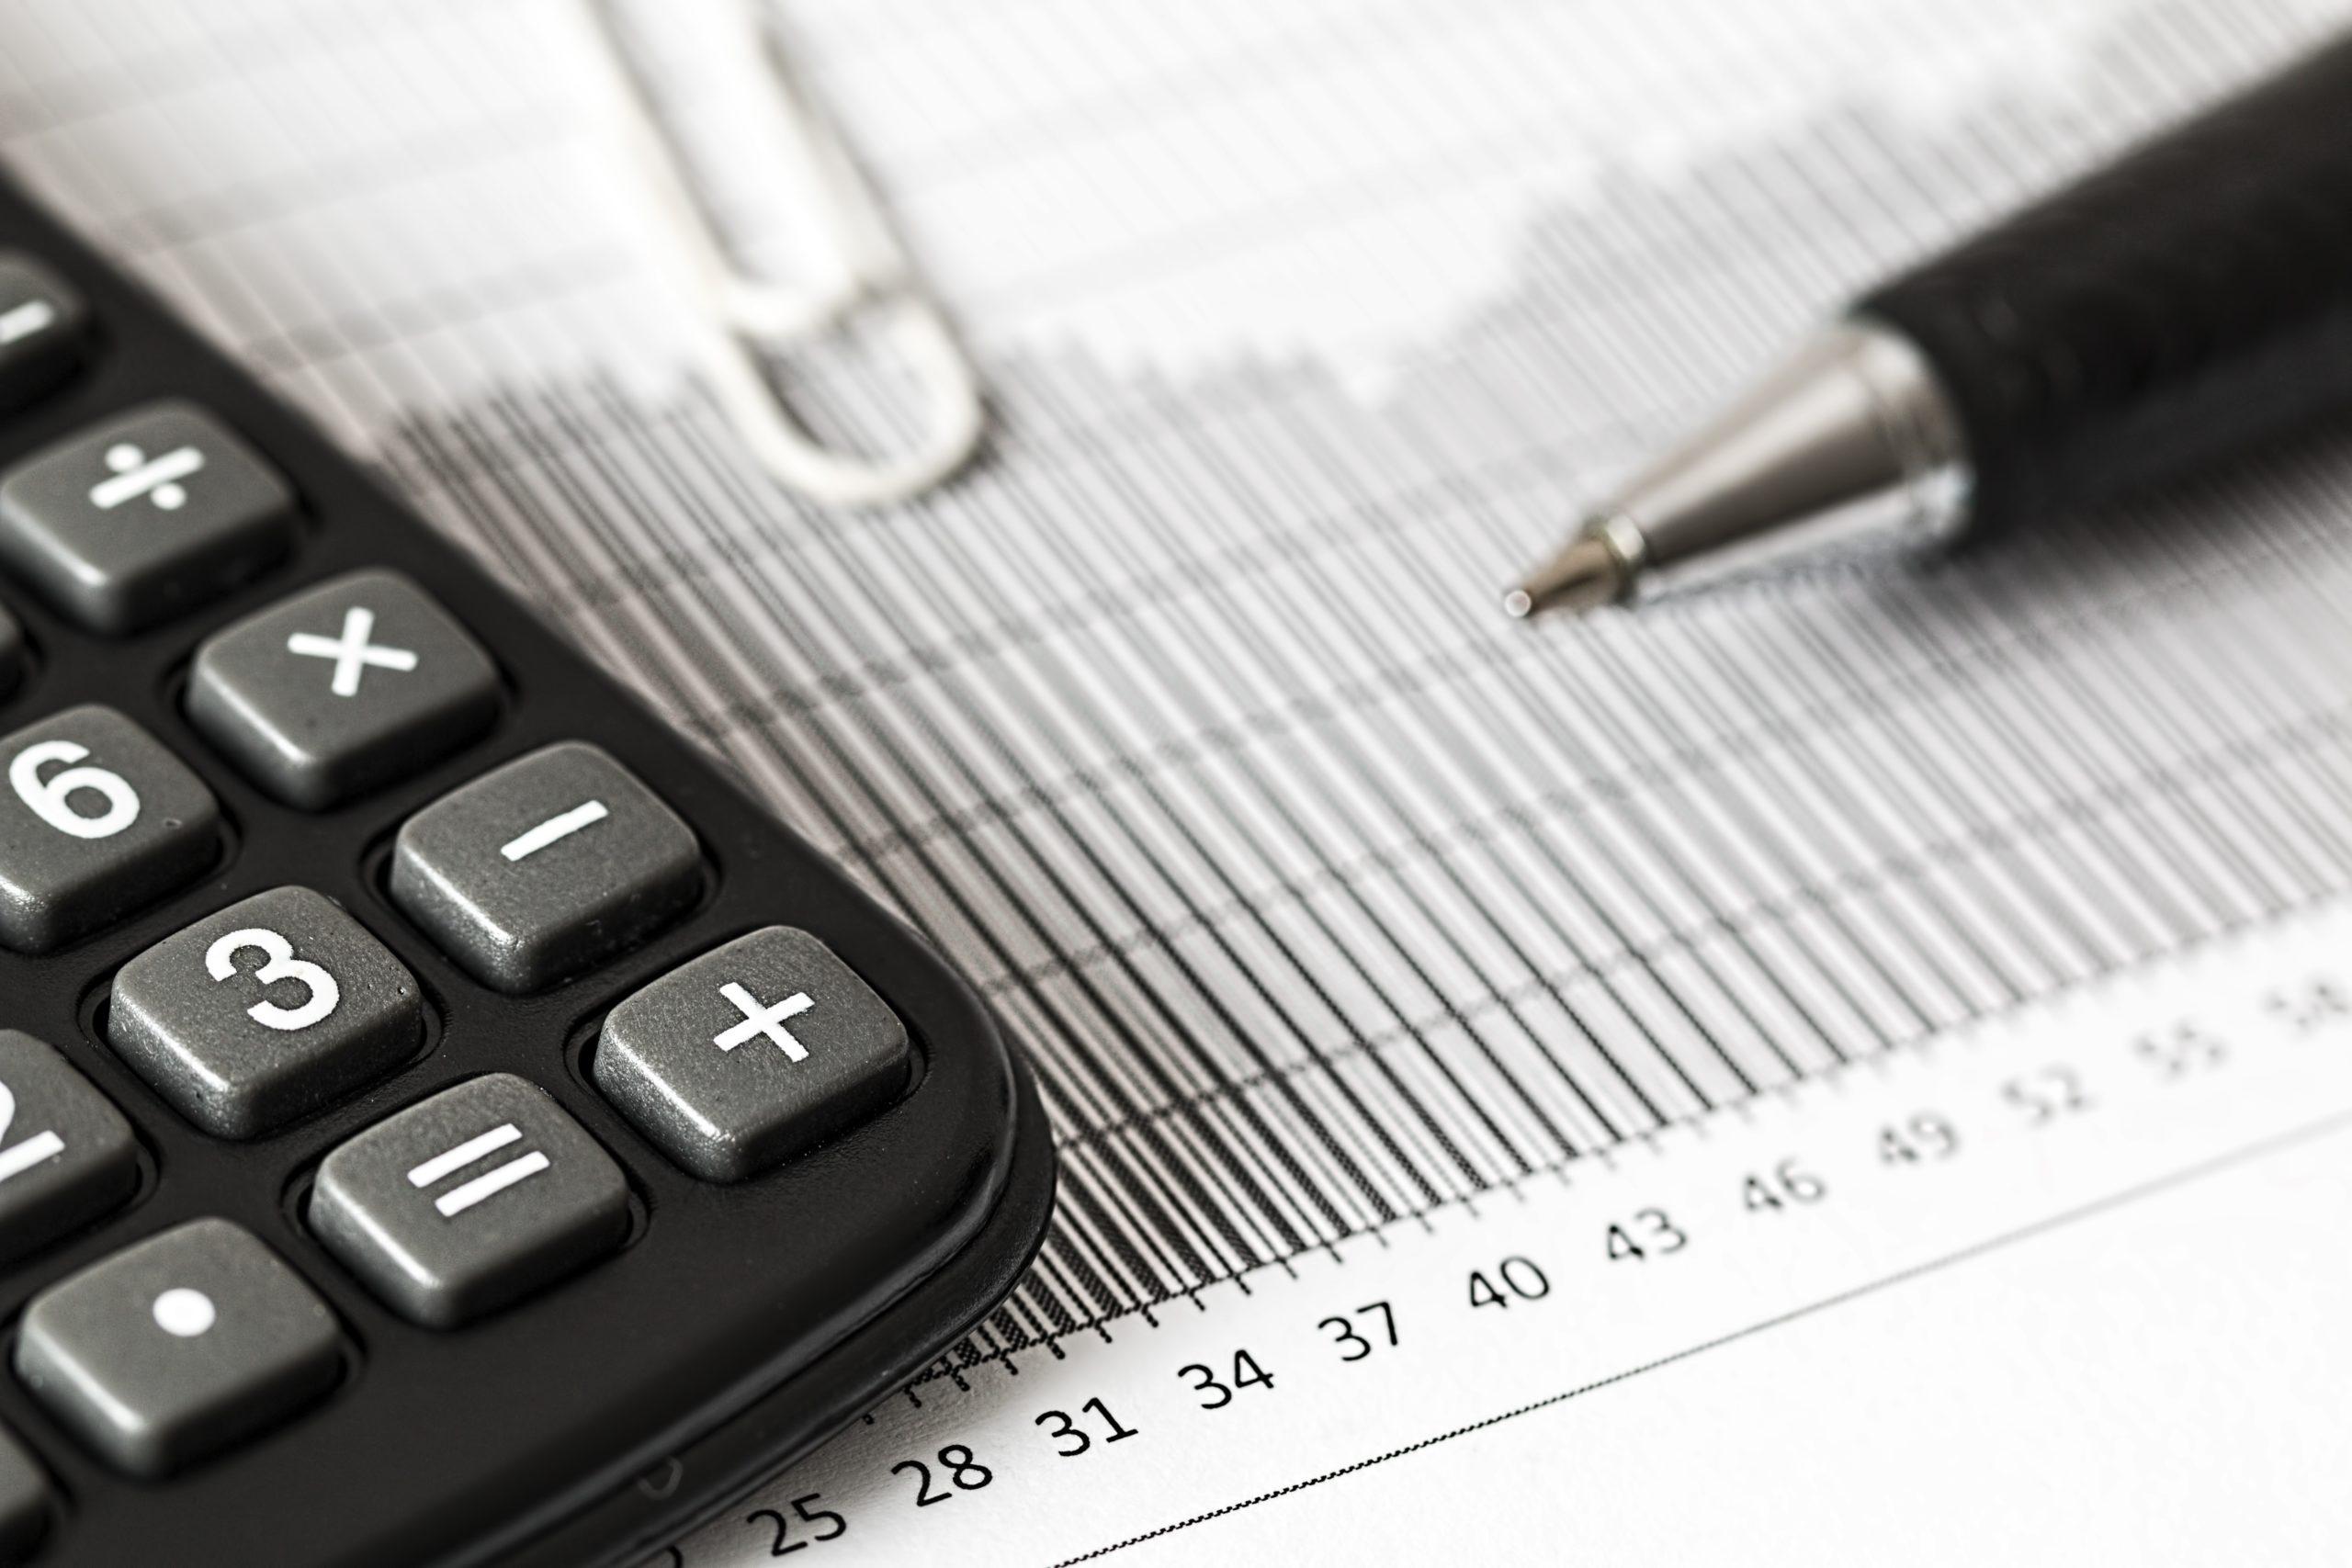 Οικονομικά μέτρα για την κρίση του Κορονοϊου (Ανανεώνεται)